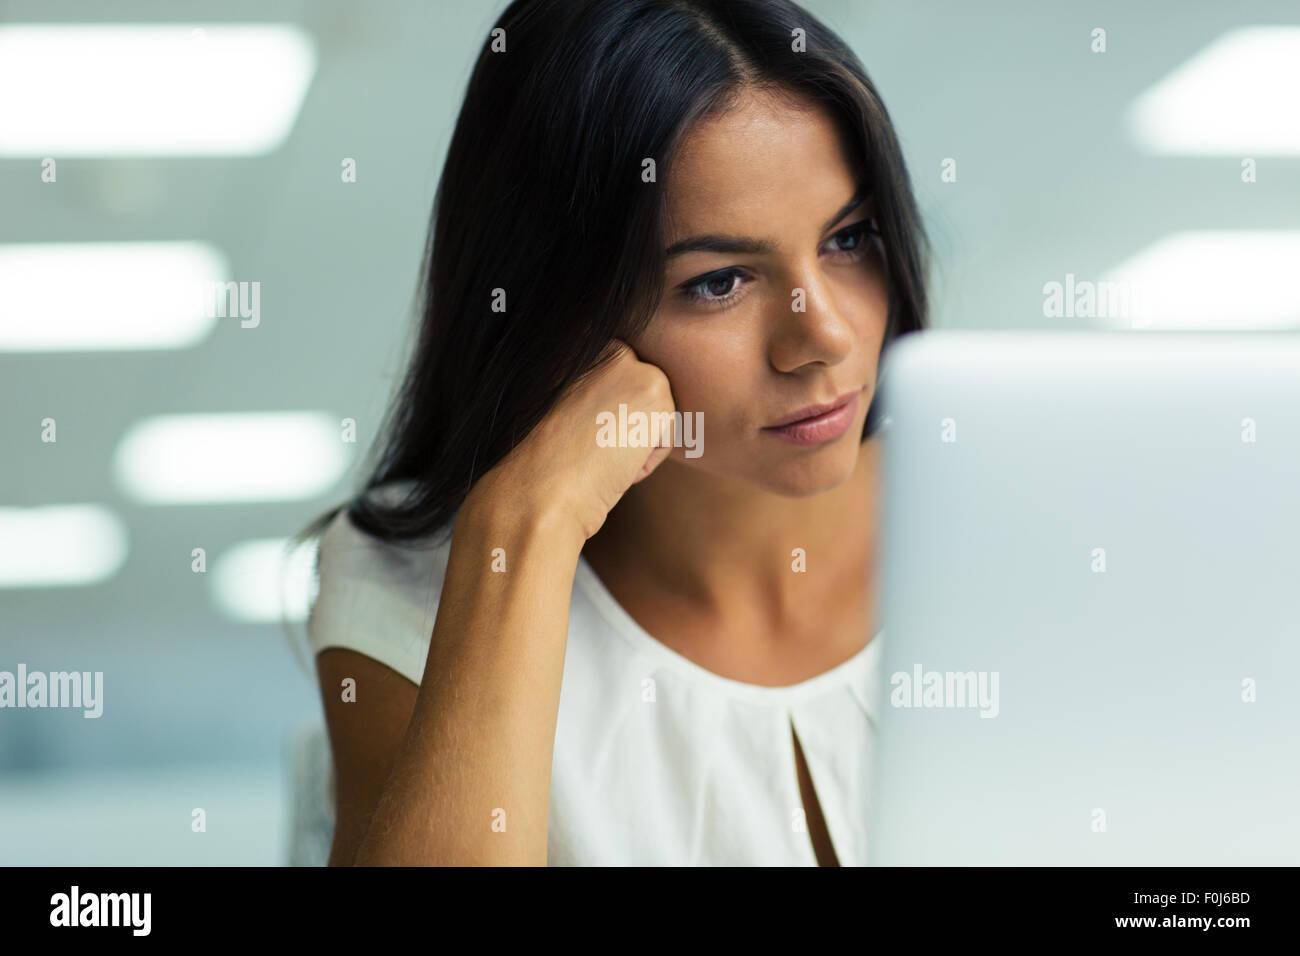 Retrato de una hermosa joven empresaria trabajando en el portátil en la oficina Imagen De Stock